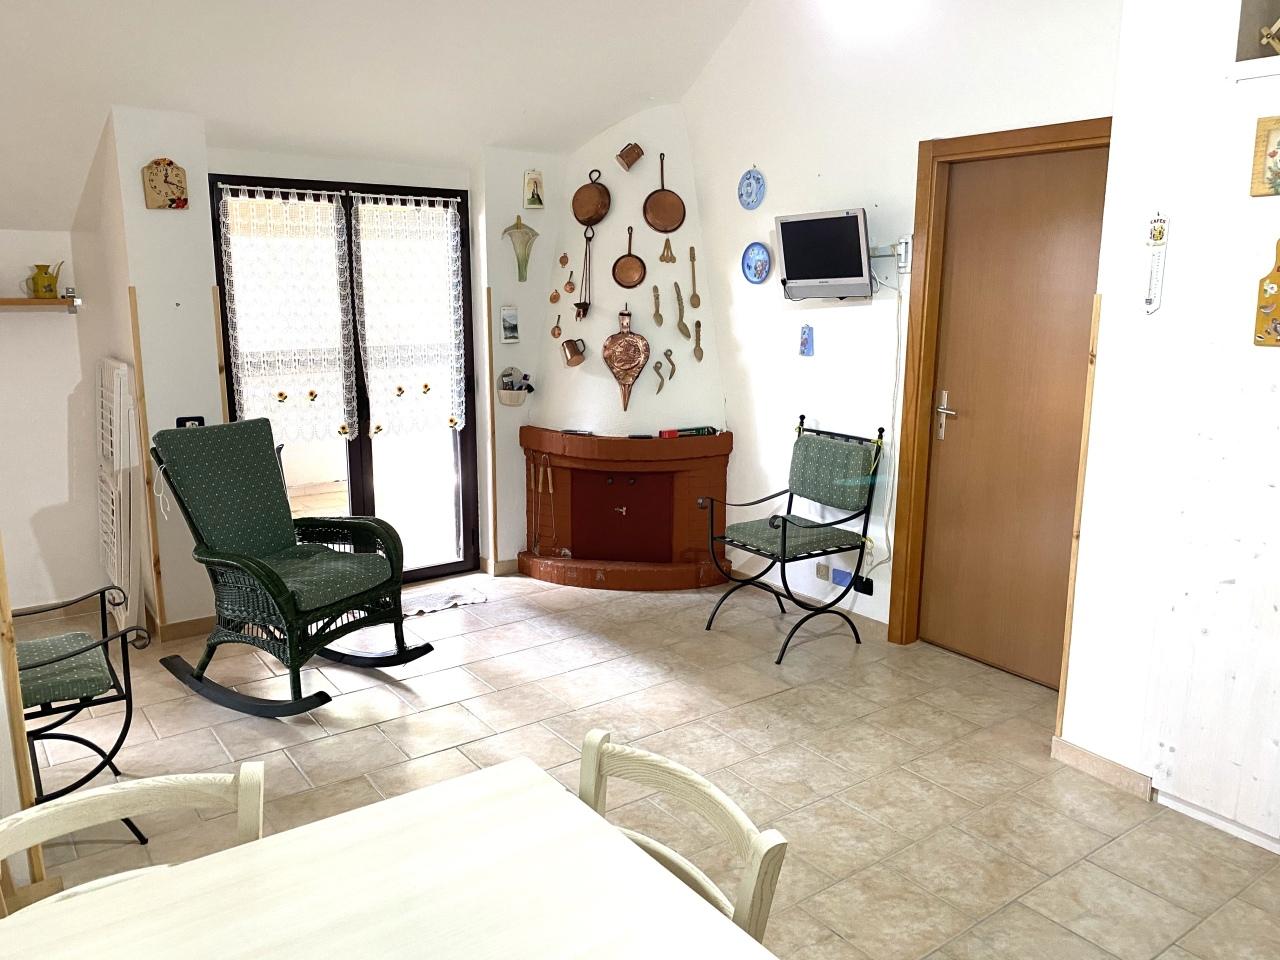 Appartamento in vendita a Taverna, 2 locali, prezzo € 32.000 | PortaleAgenzieImmobiliari.it